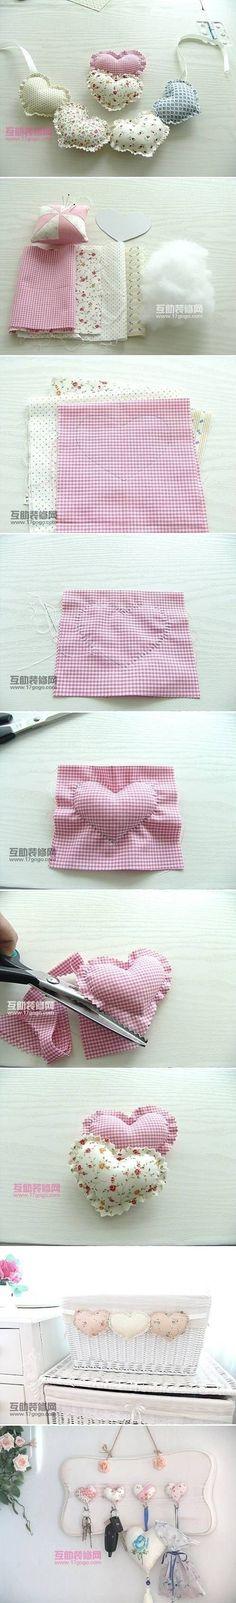 DIY Fabric Heart Pendant by wanda